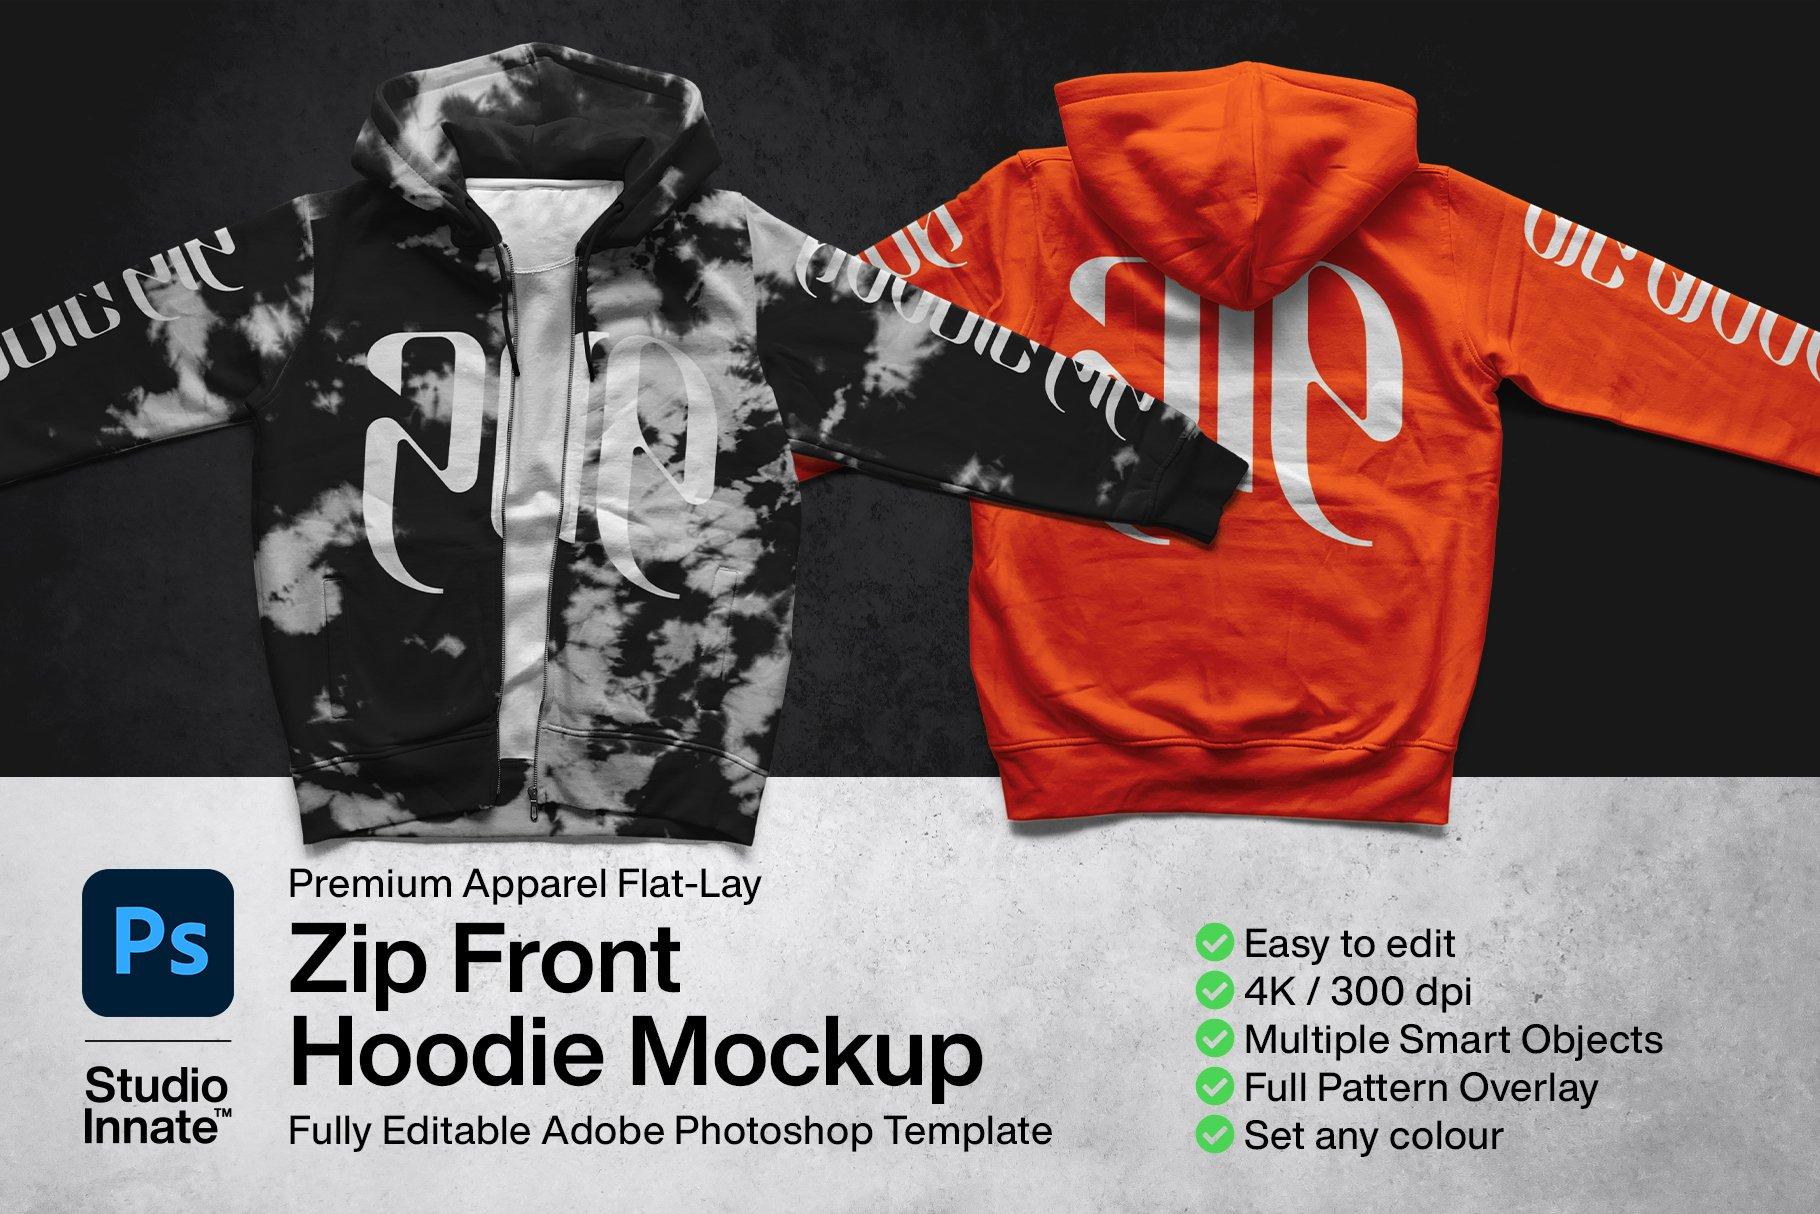 潮流拉链连衣帽卫衣印花图案设计PS智能贴图样机模板 Zip Front Hoodie Mockup插图